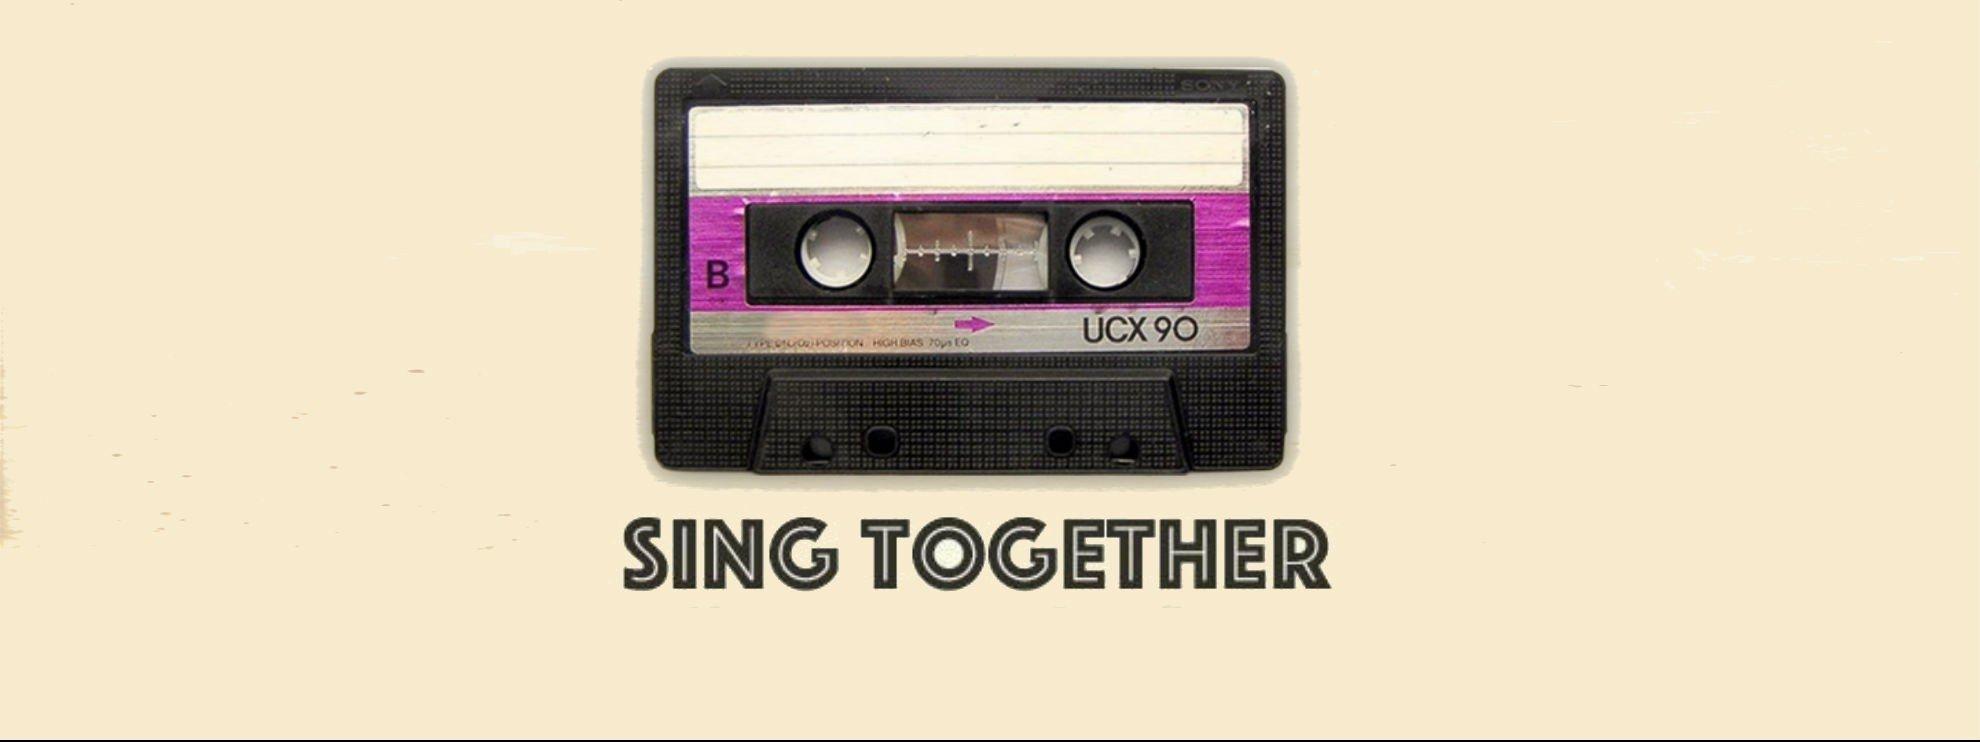 performer Sing Together